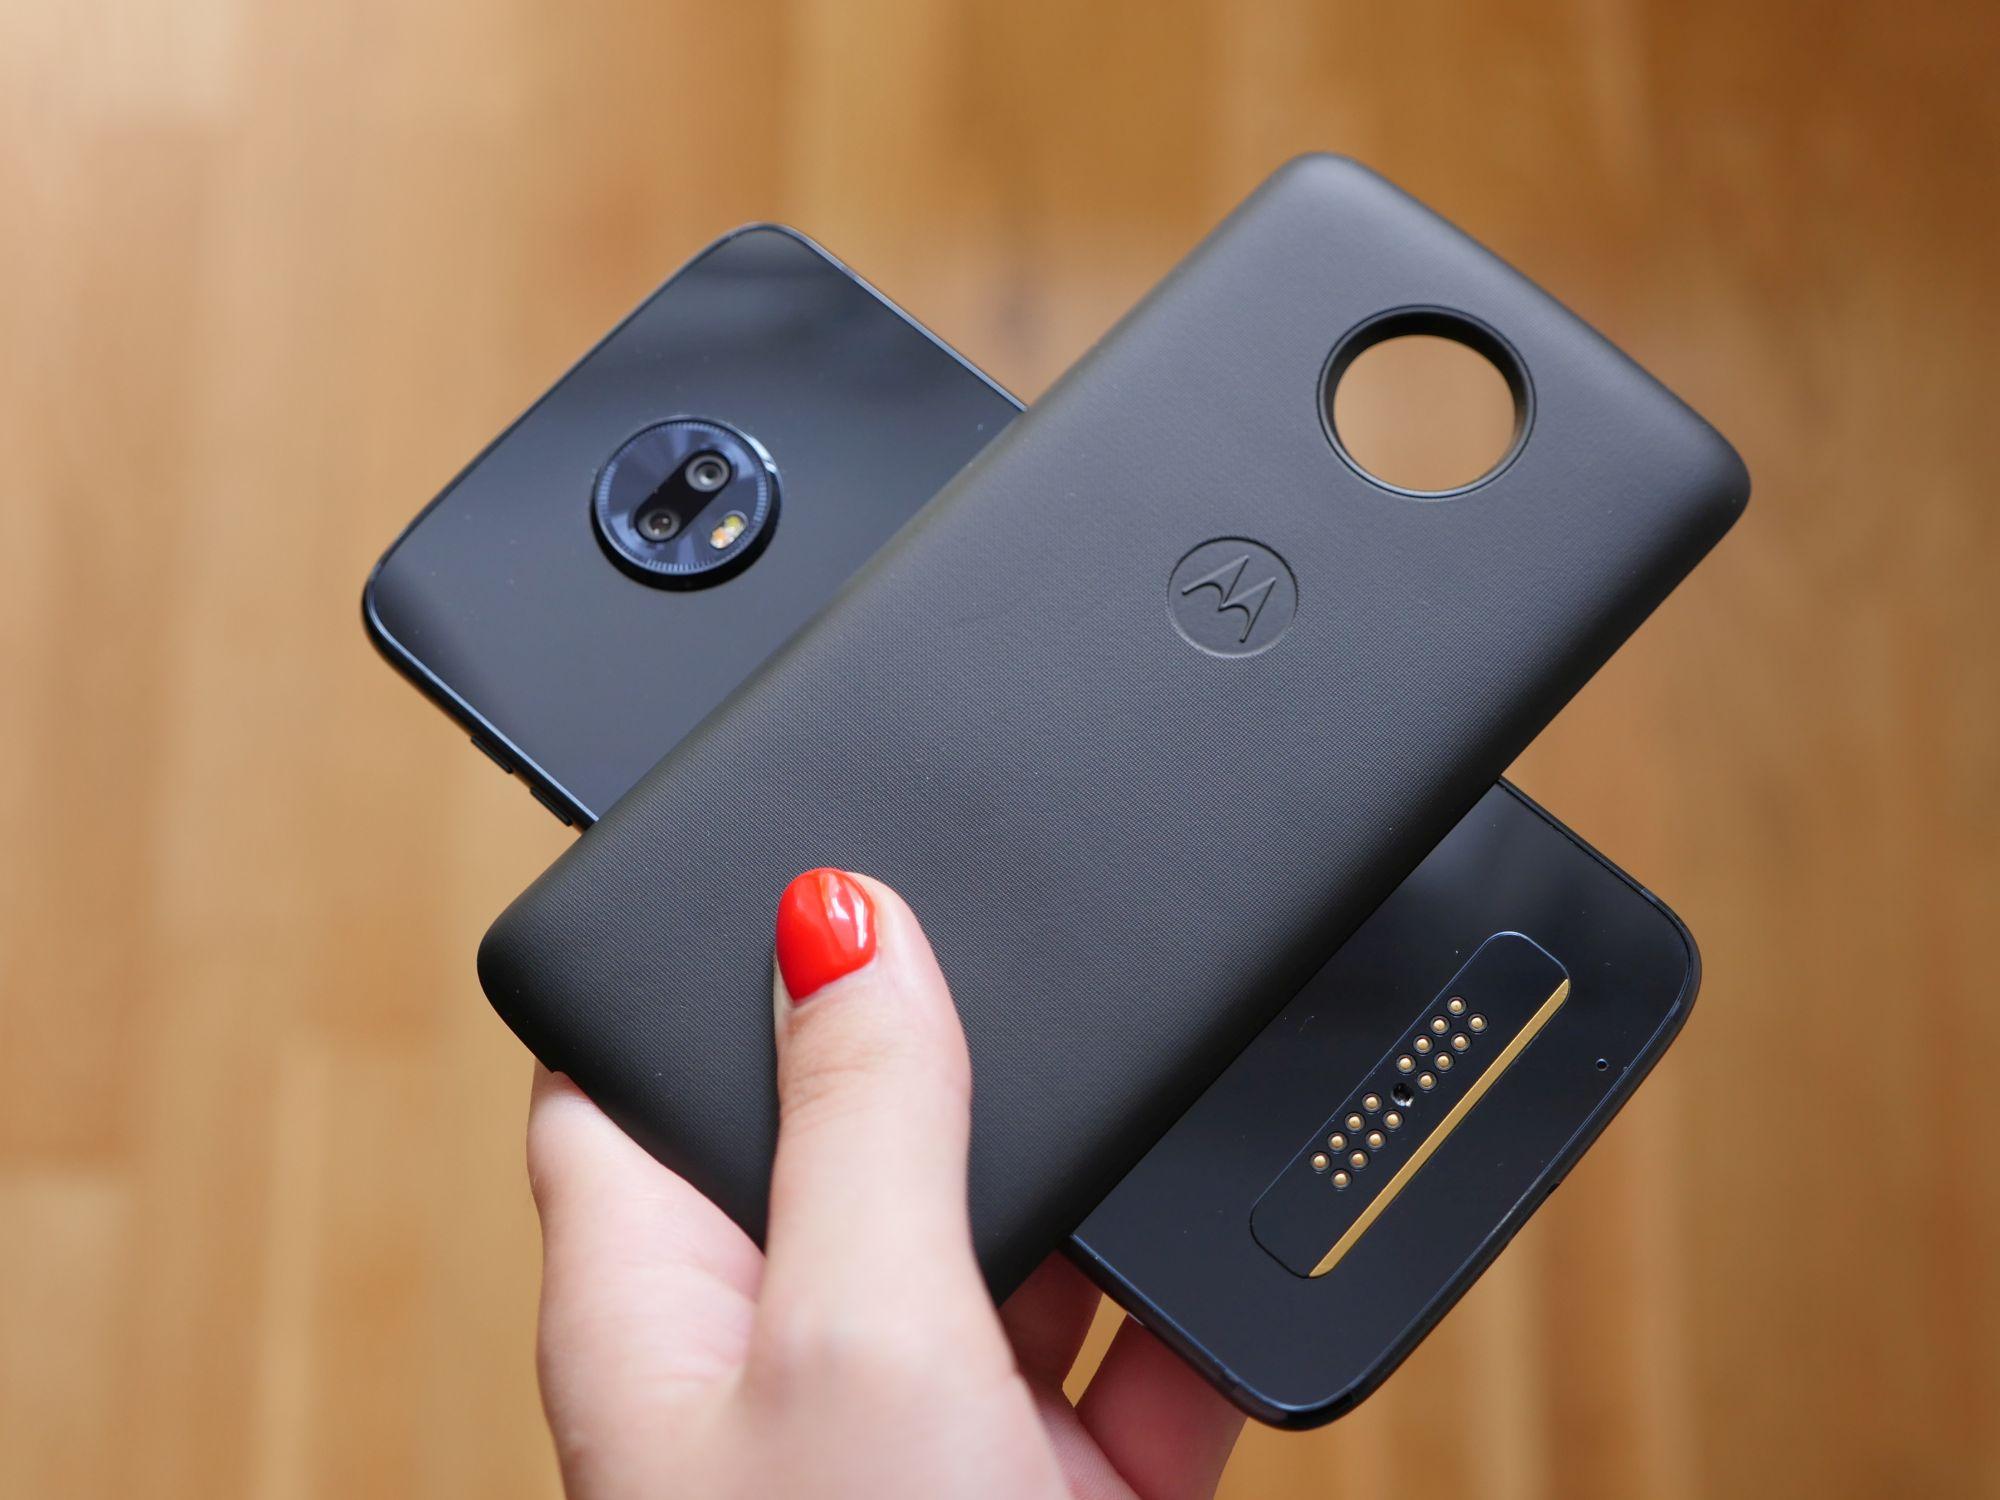 Recenzja Moto Z3 Play - jednego z wielu czy może jednak wyróżniającego się smartfona za dwa tysiące złotych? 15